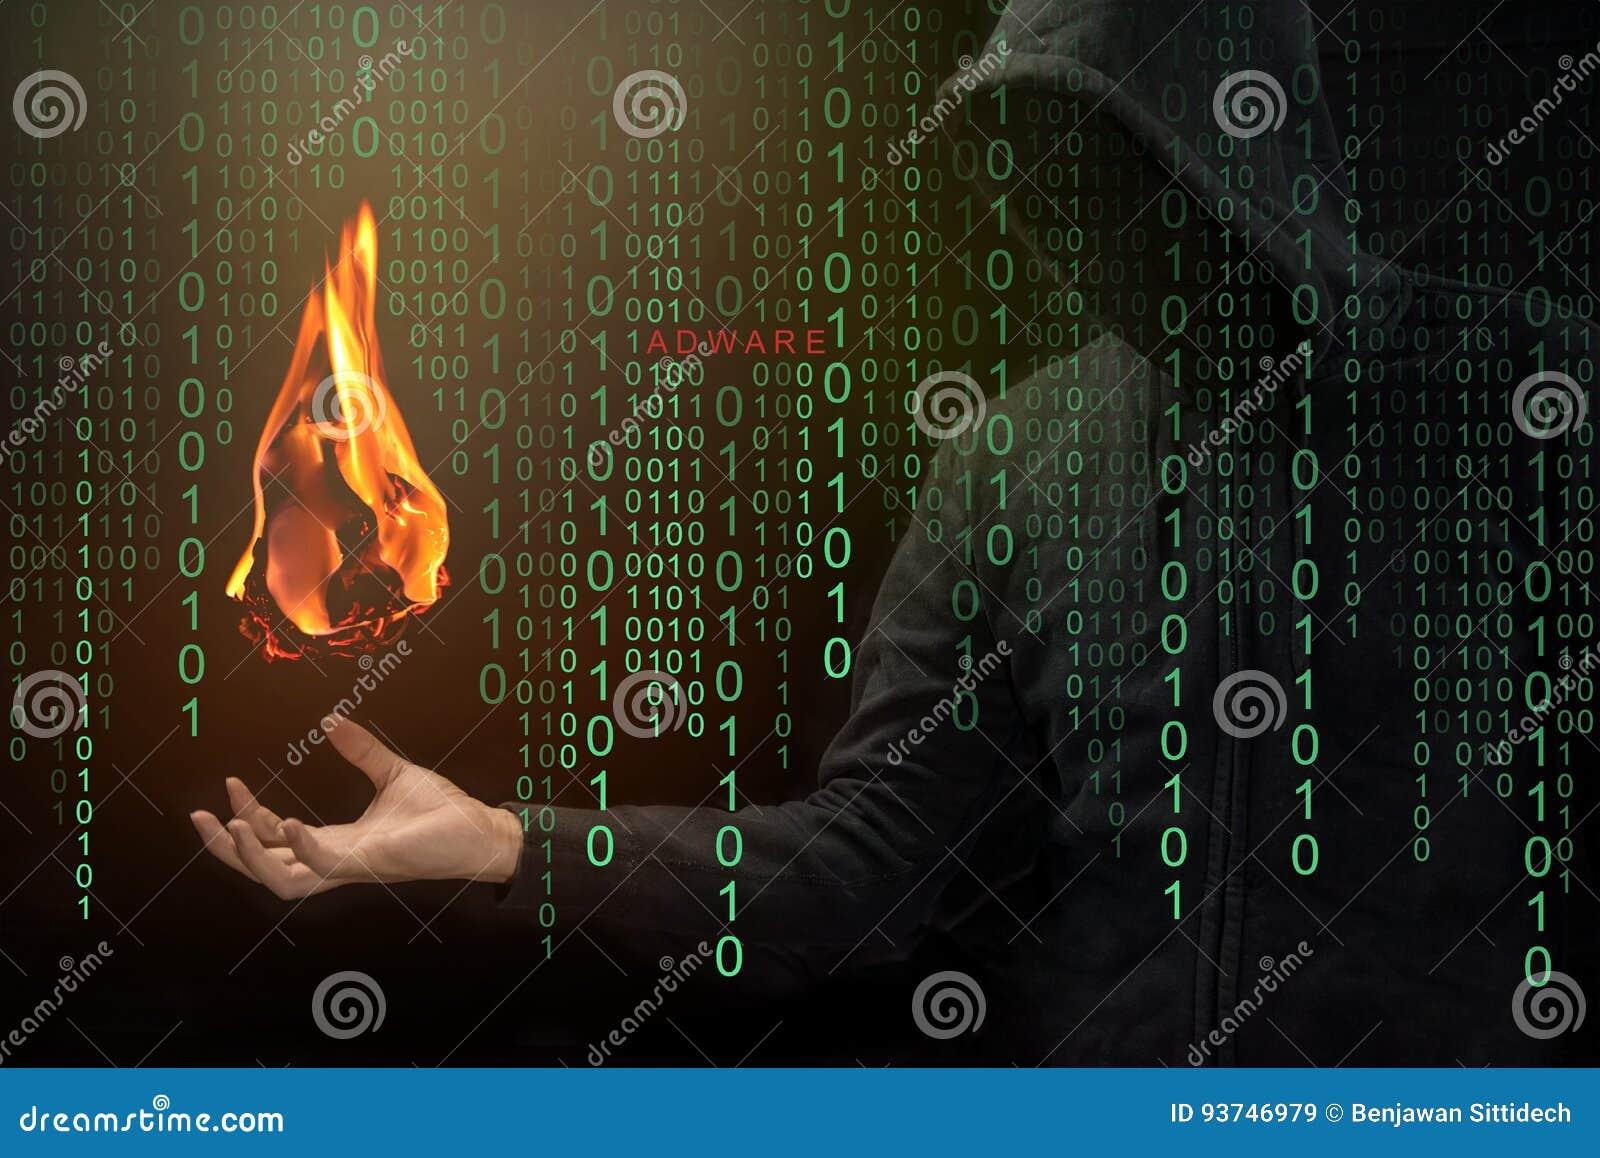 Выставка хакера файрбол в наличии, концепция Adware файрбола